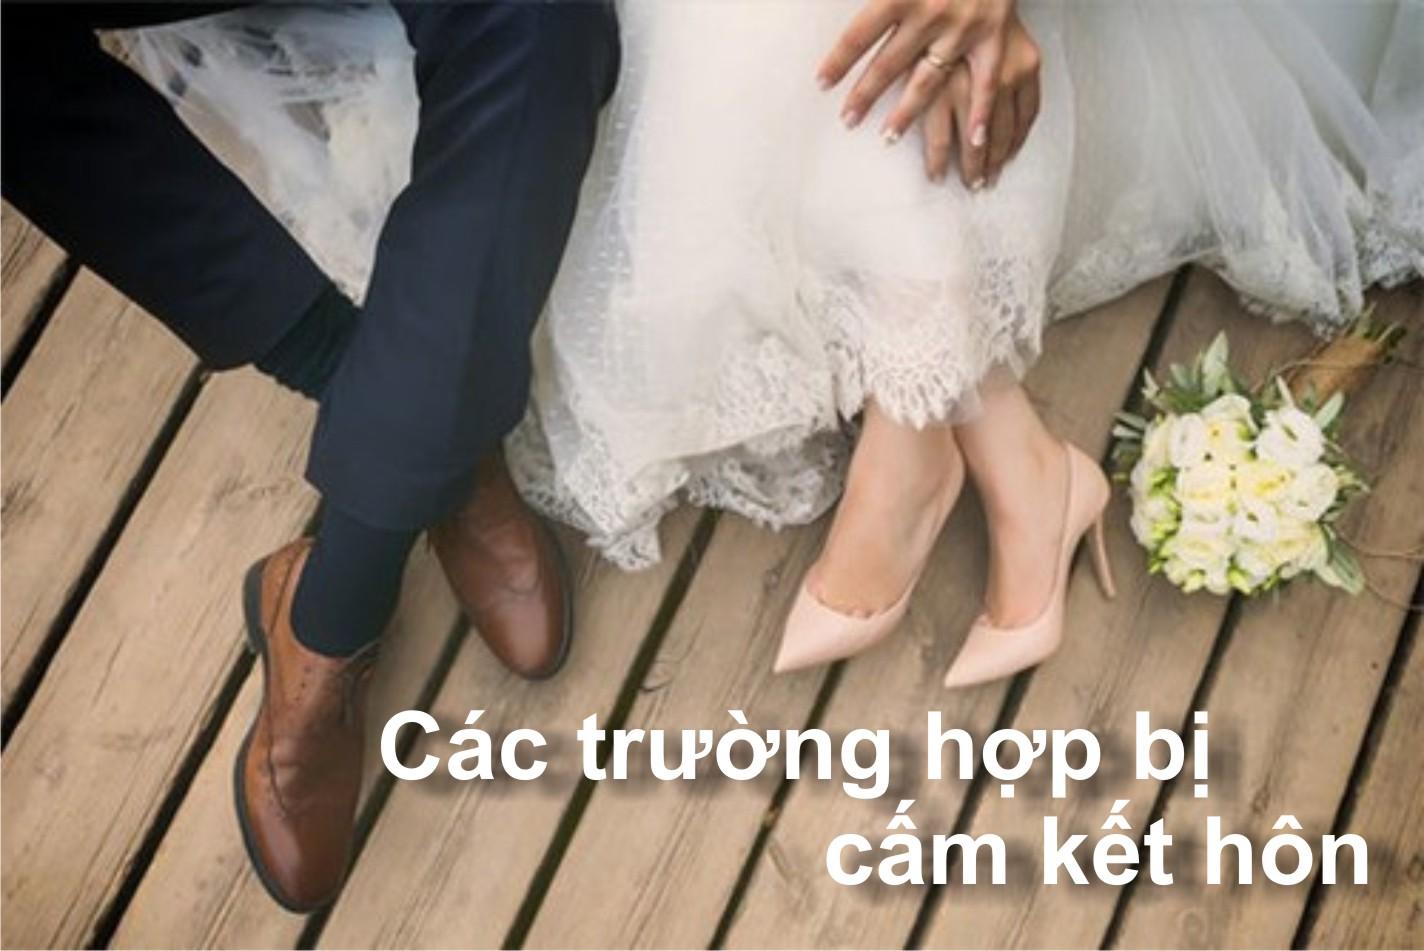 Cấm kết hôn